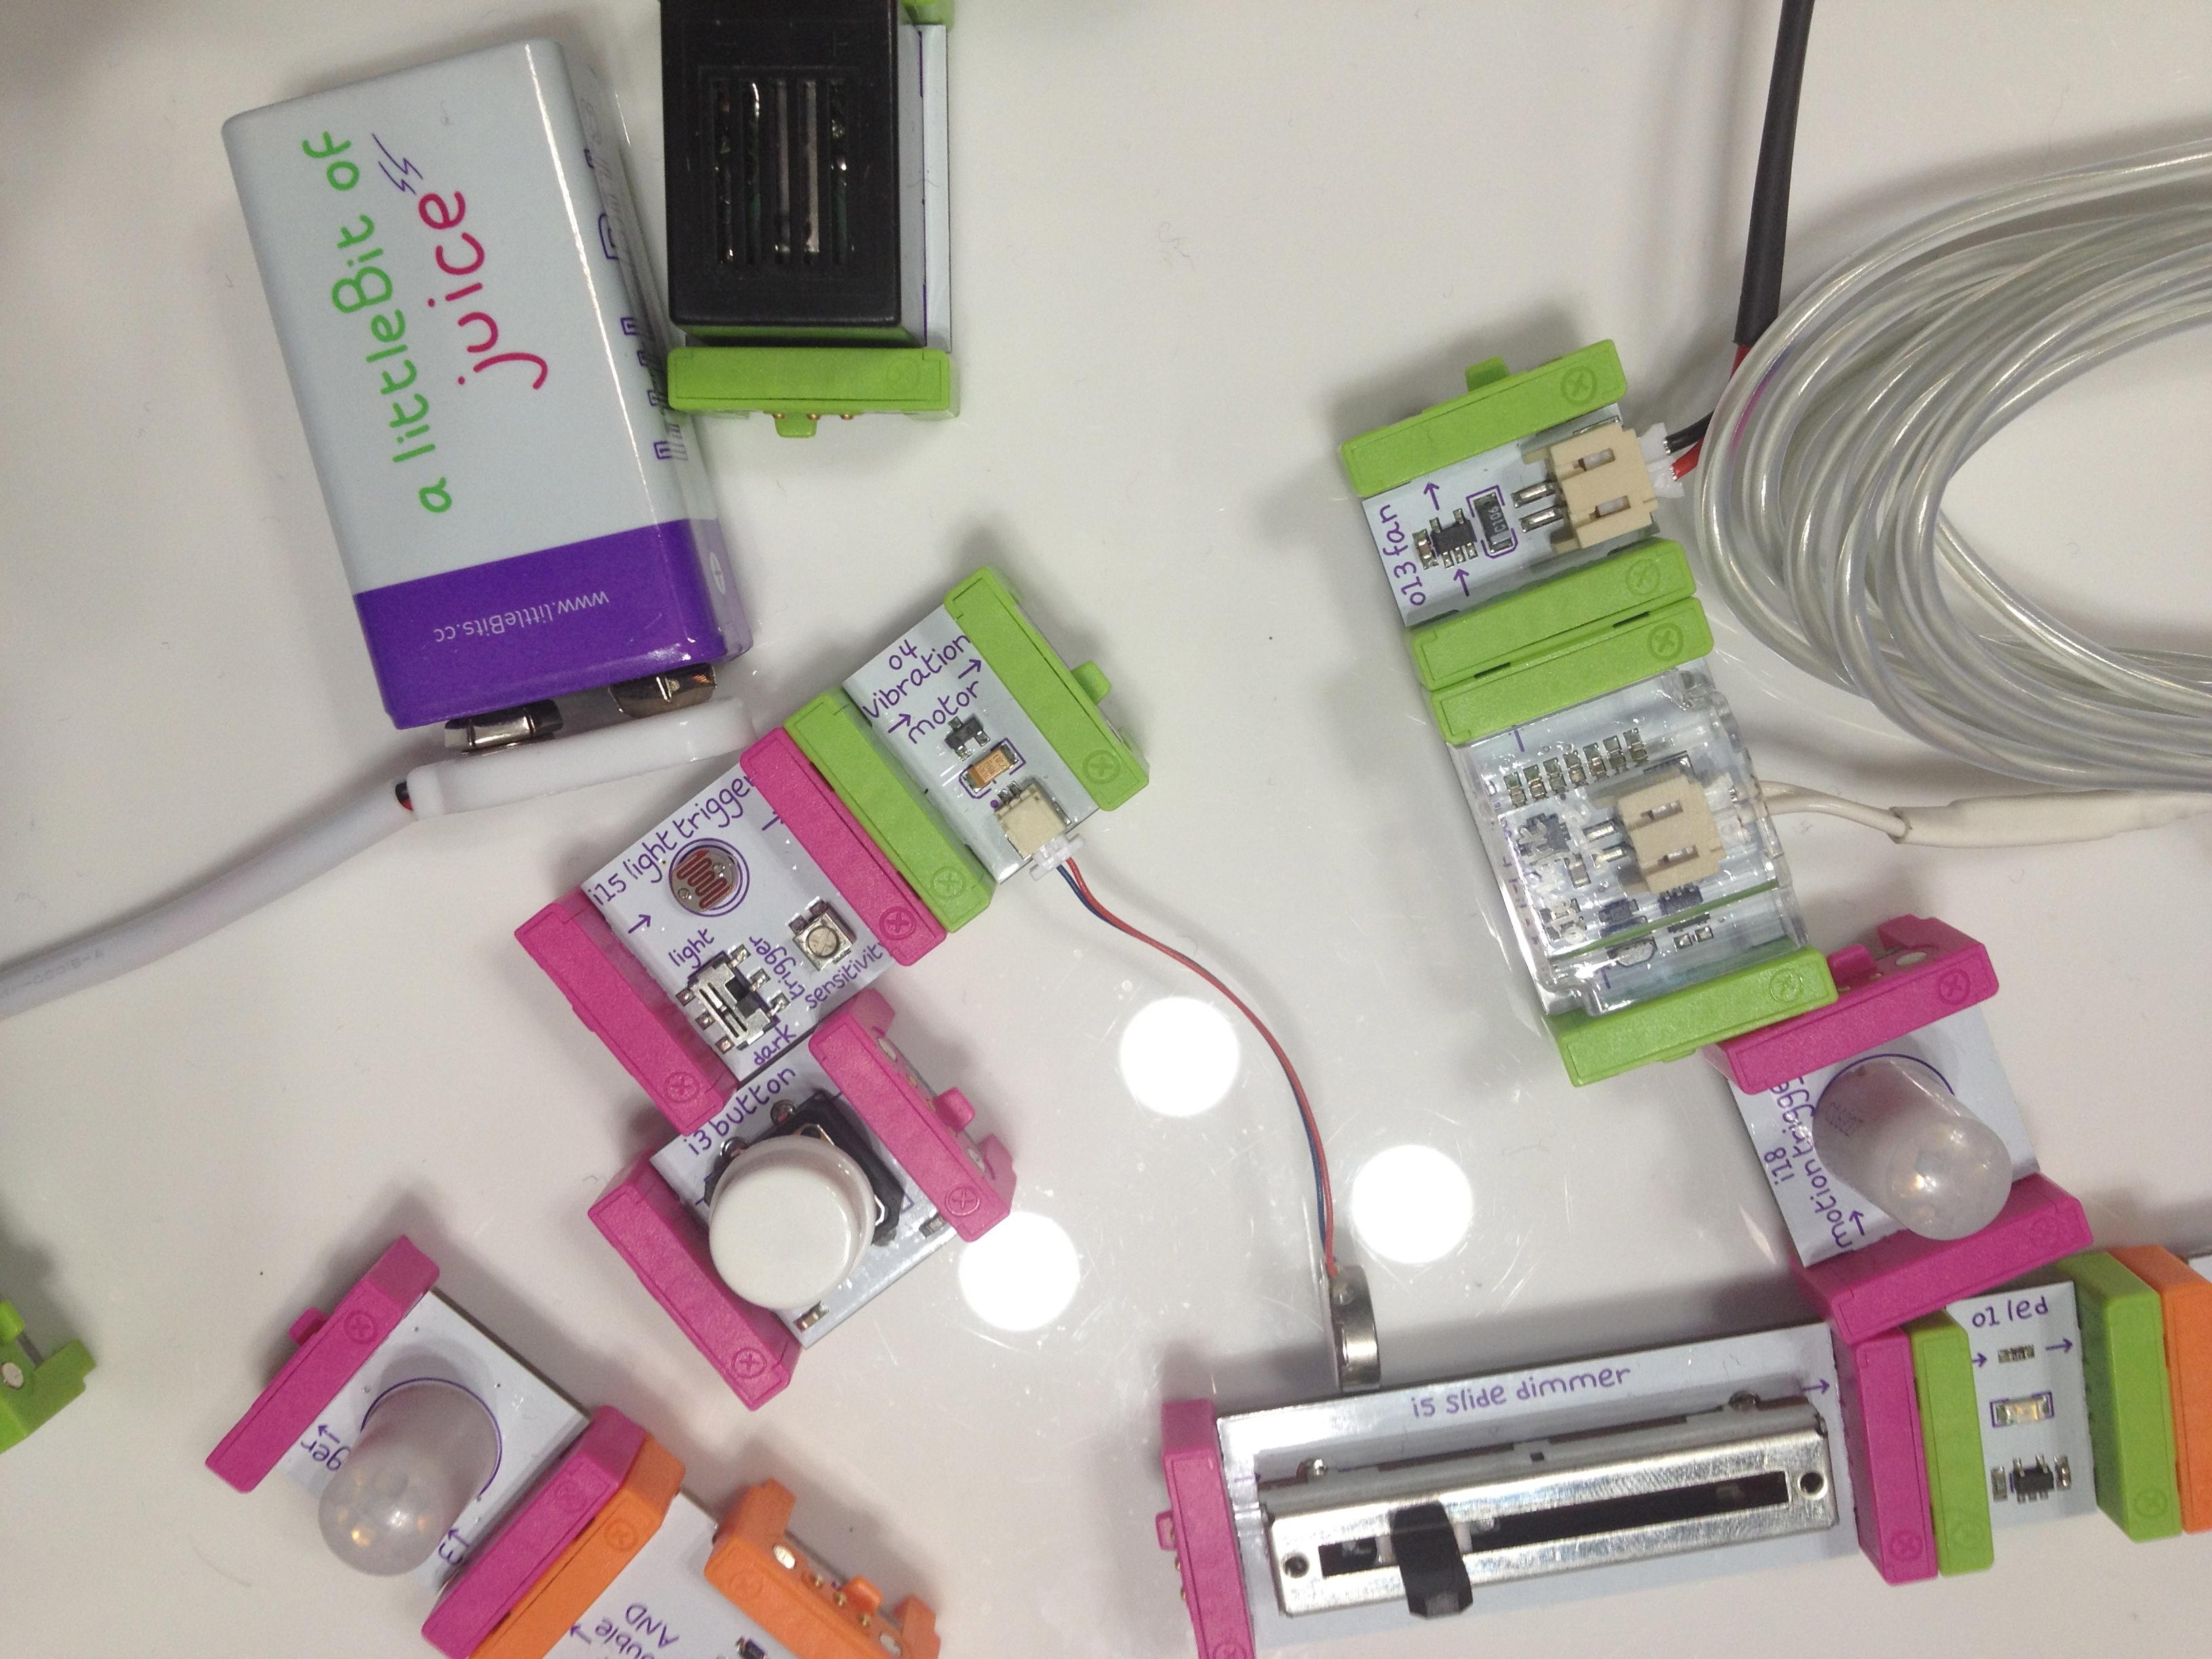 LittleBits modules. Photo by Rani Molla.